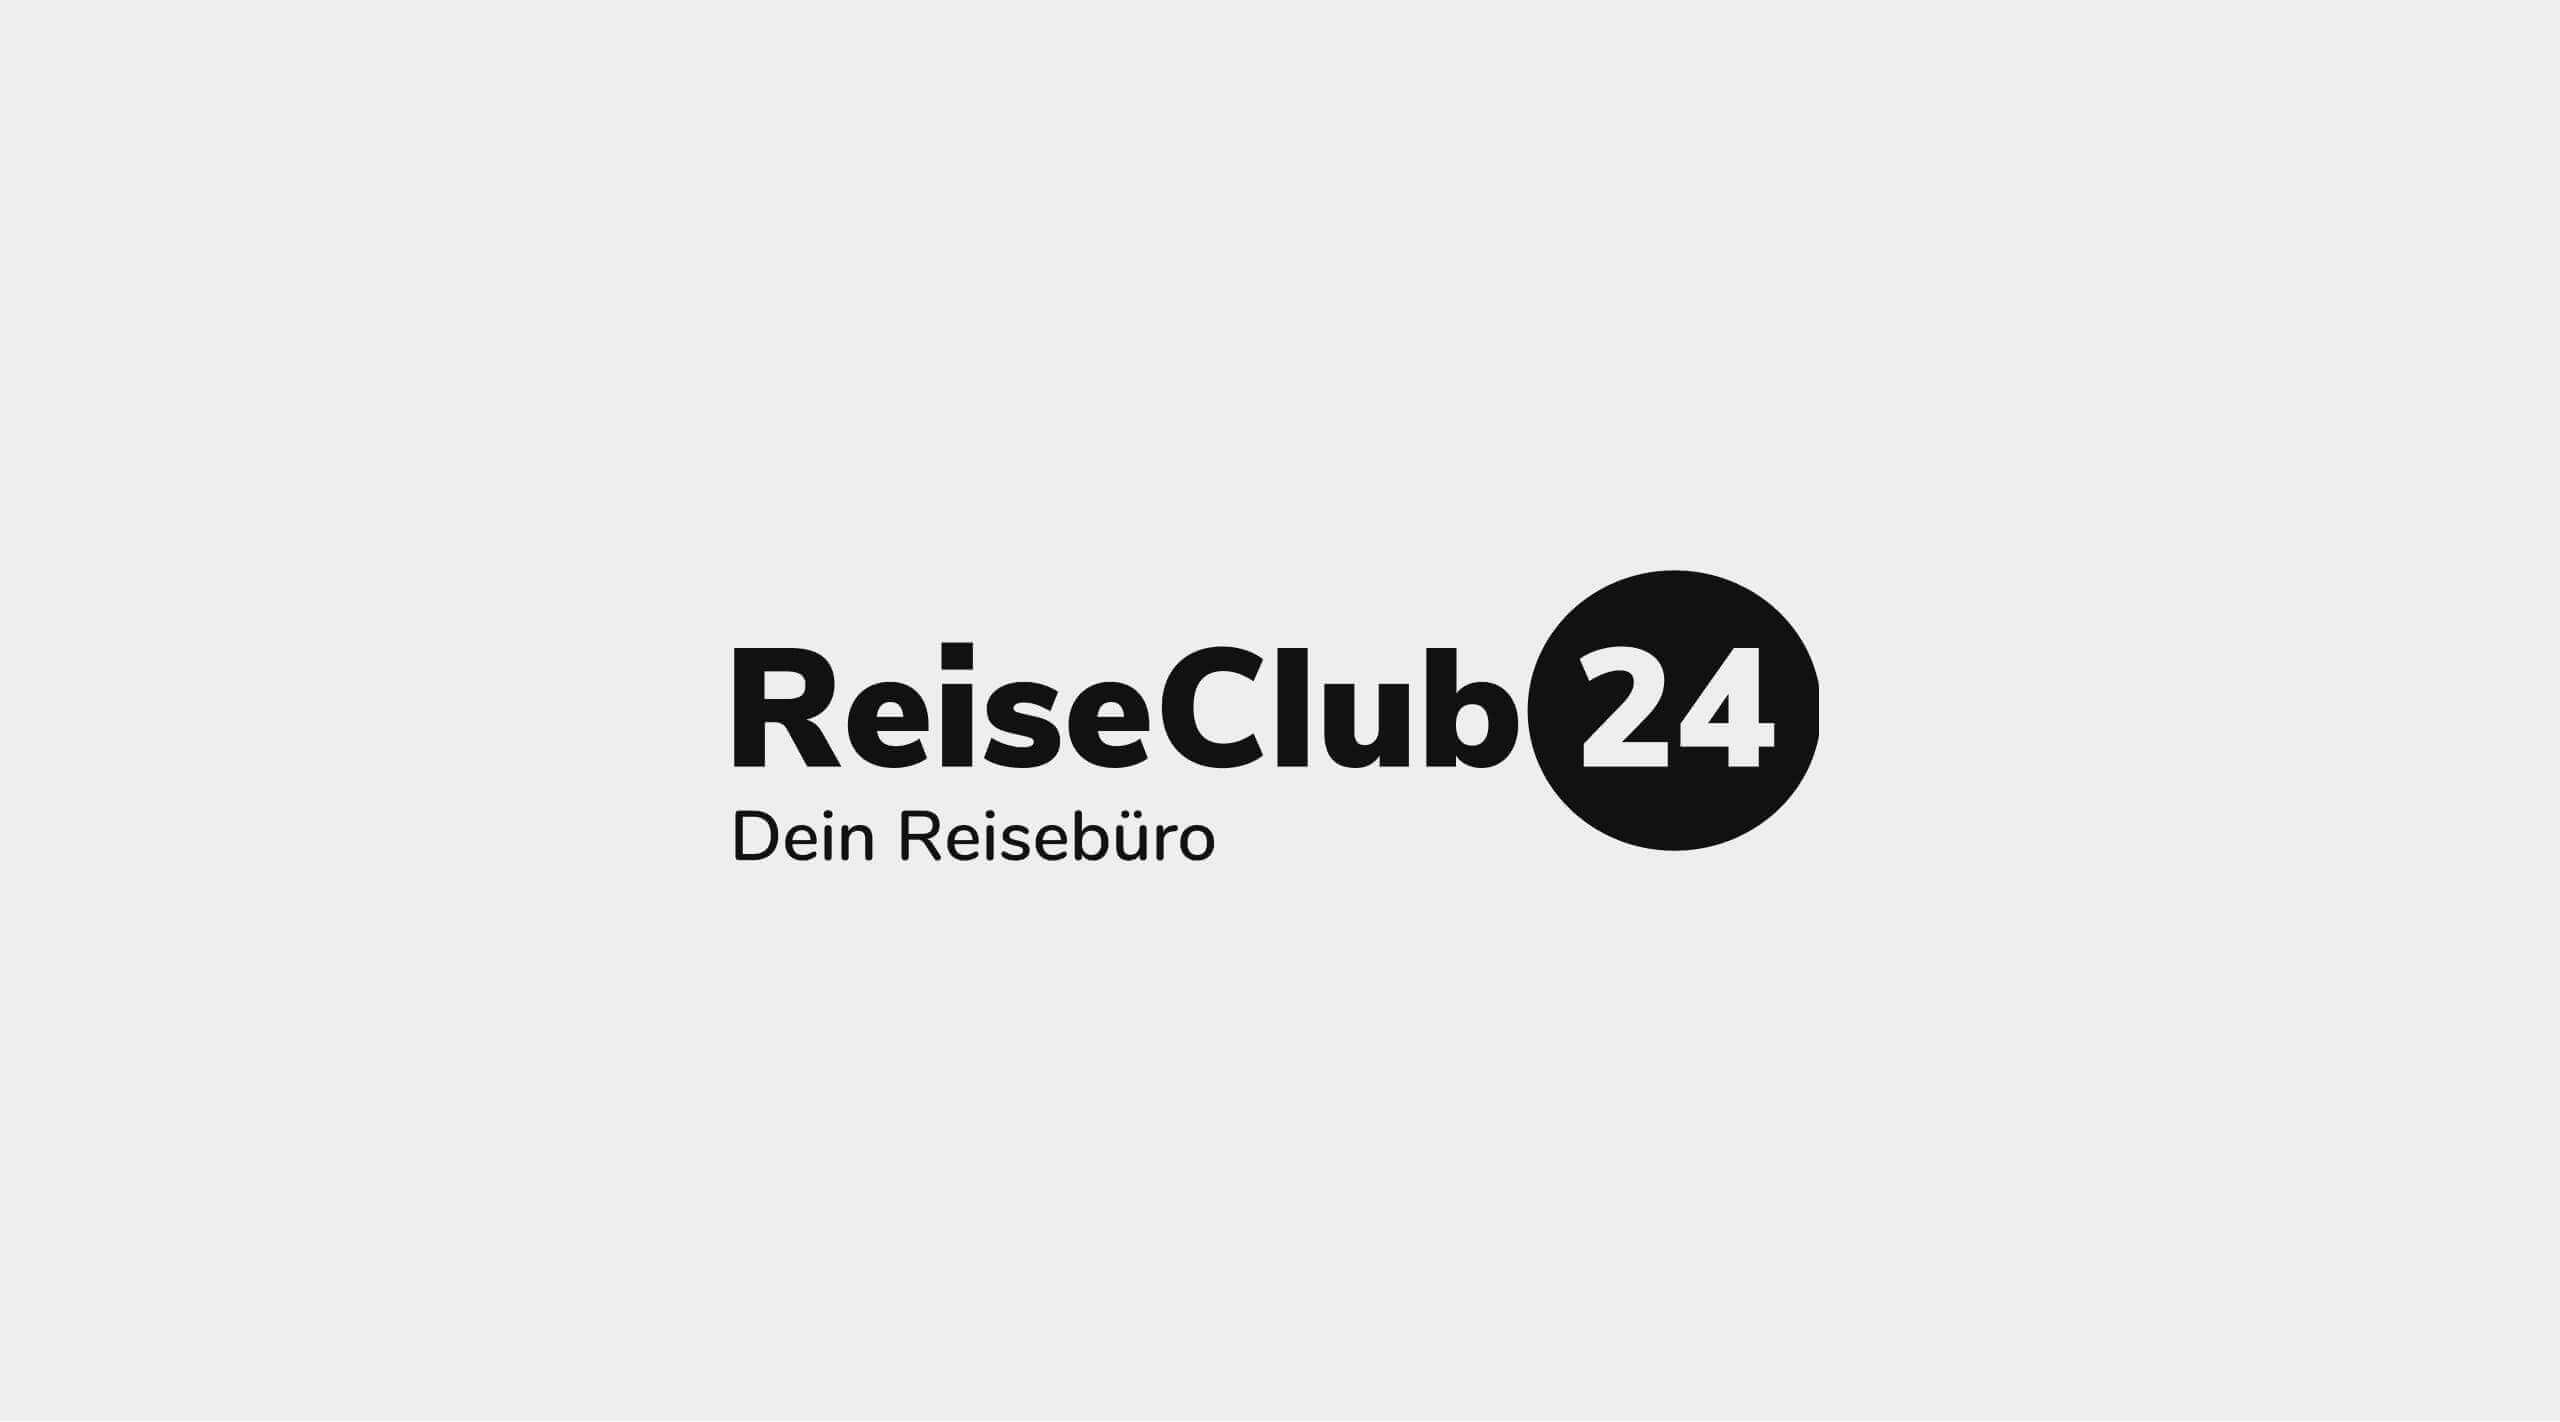 Darstellung des ReiseClub24 Logos